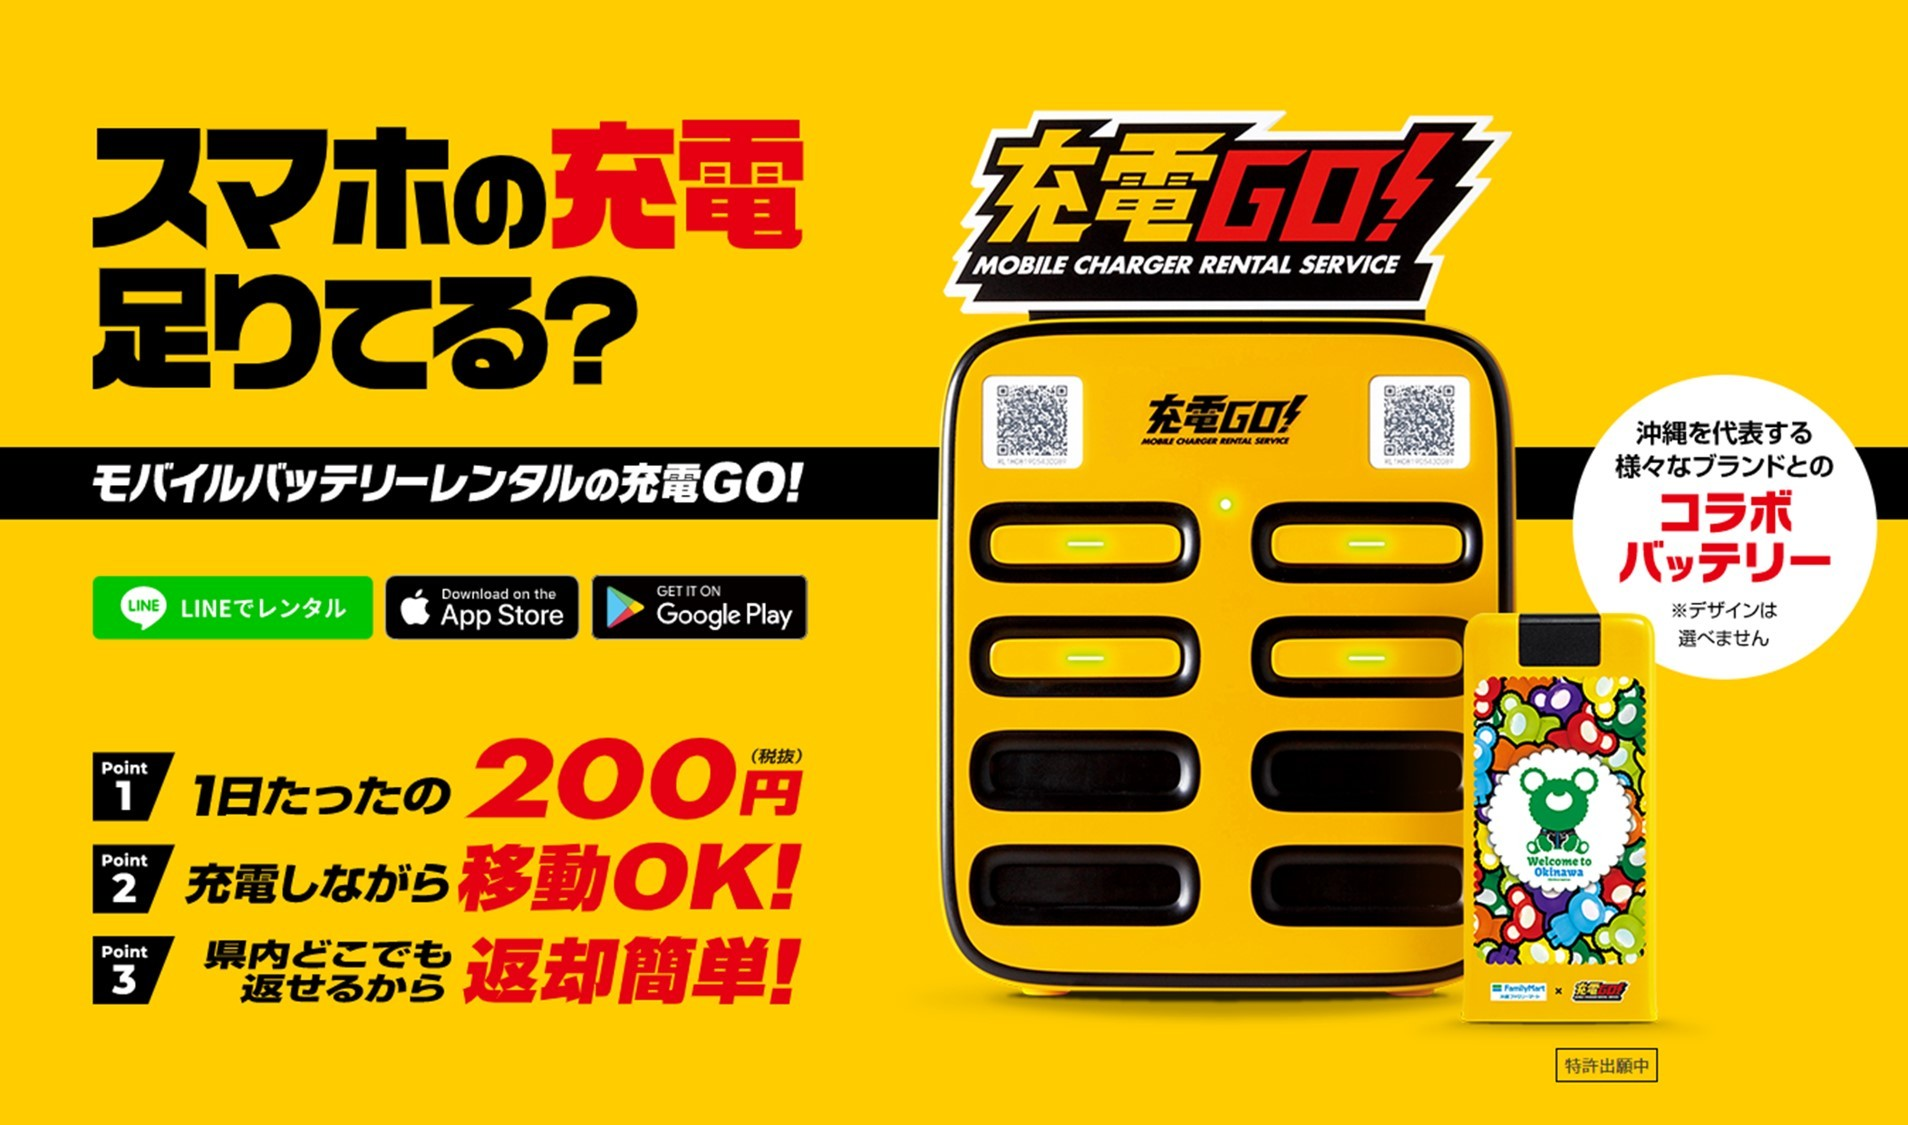 モバイルバッテリーレンタルサービス「充電GO!」、公式アカウント上で決済まで全て完結できるLINE版... 画像